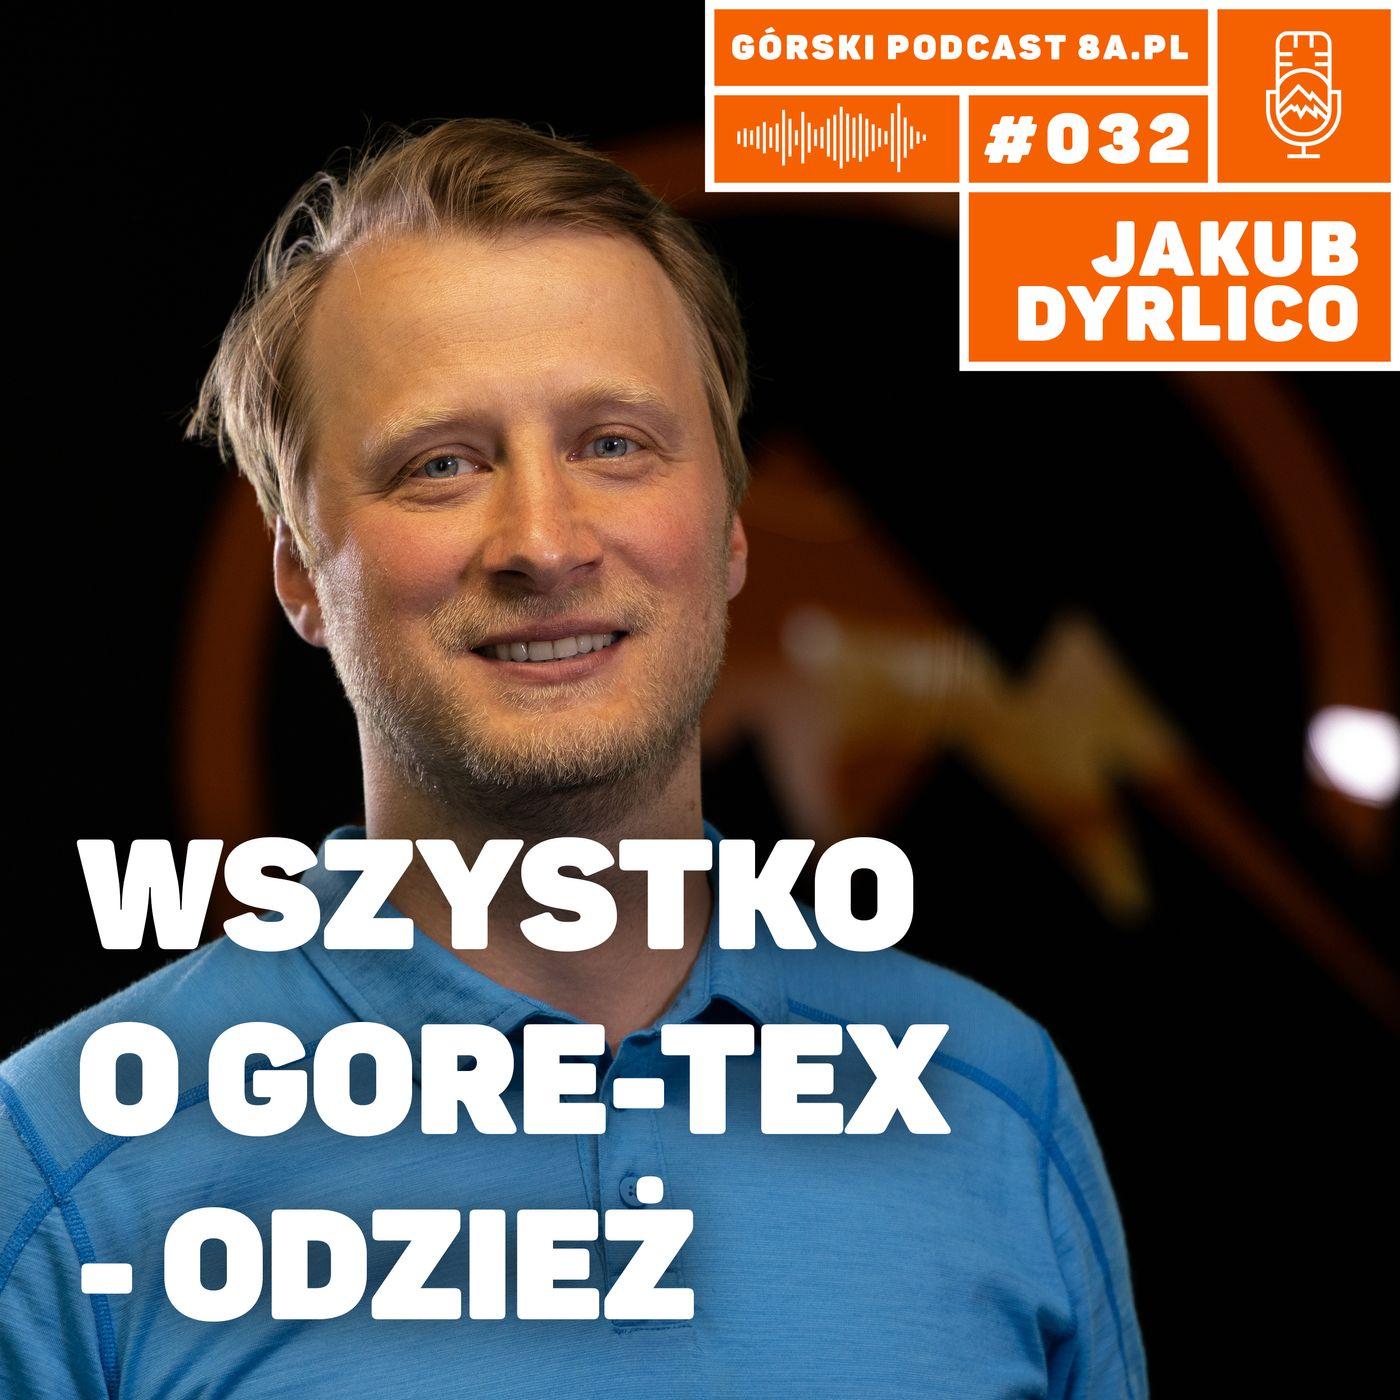 #033 8a.pl - Jakub Dyrlico. Wszystko o GORE-TEX - Odzież